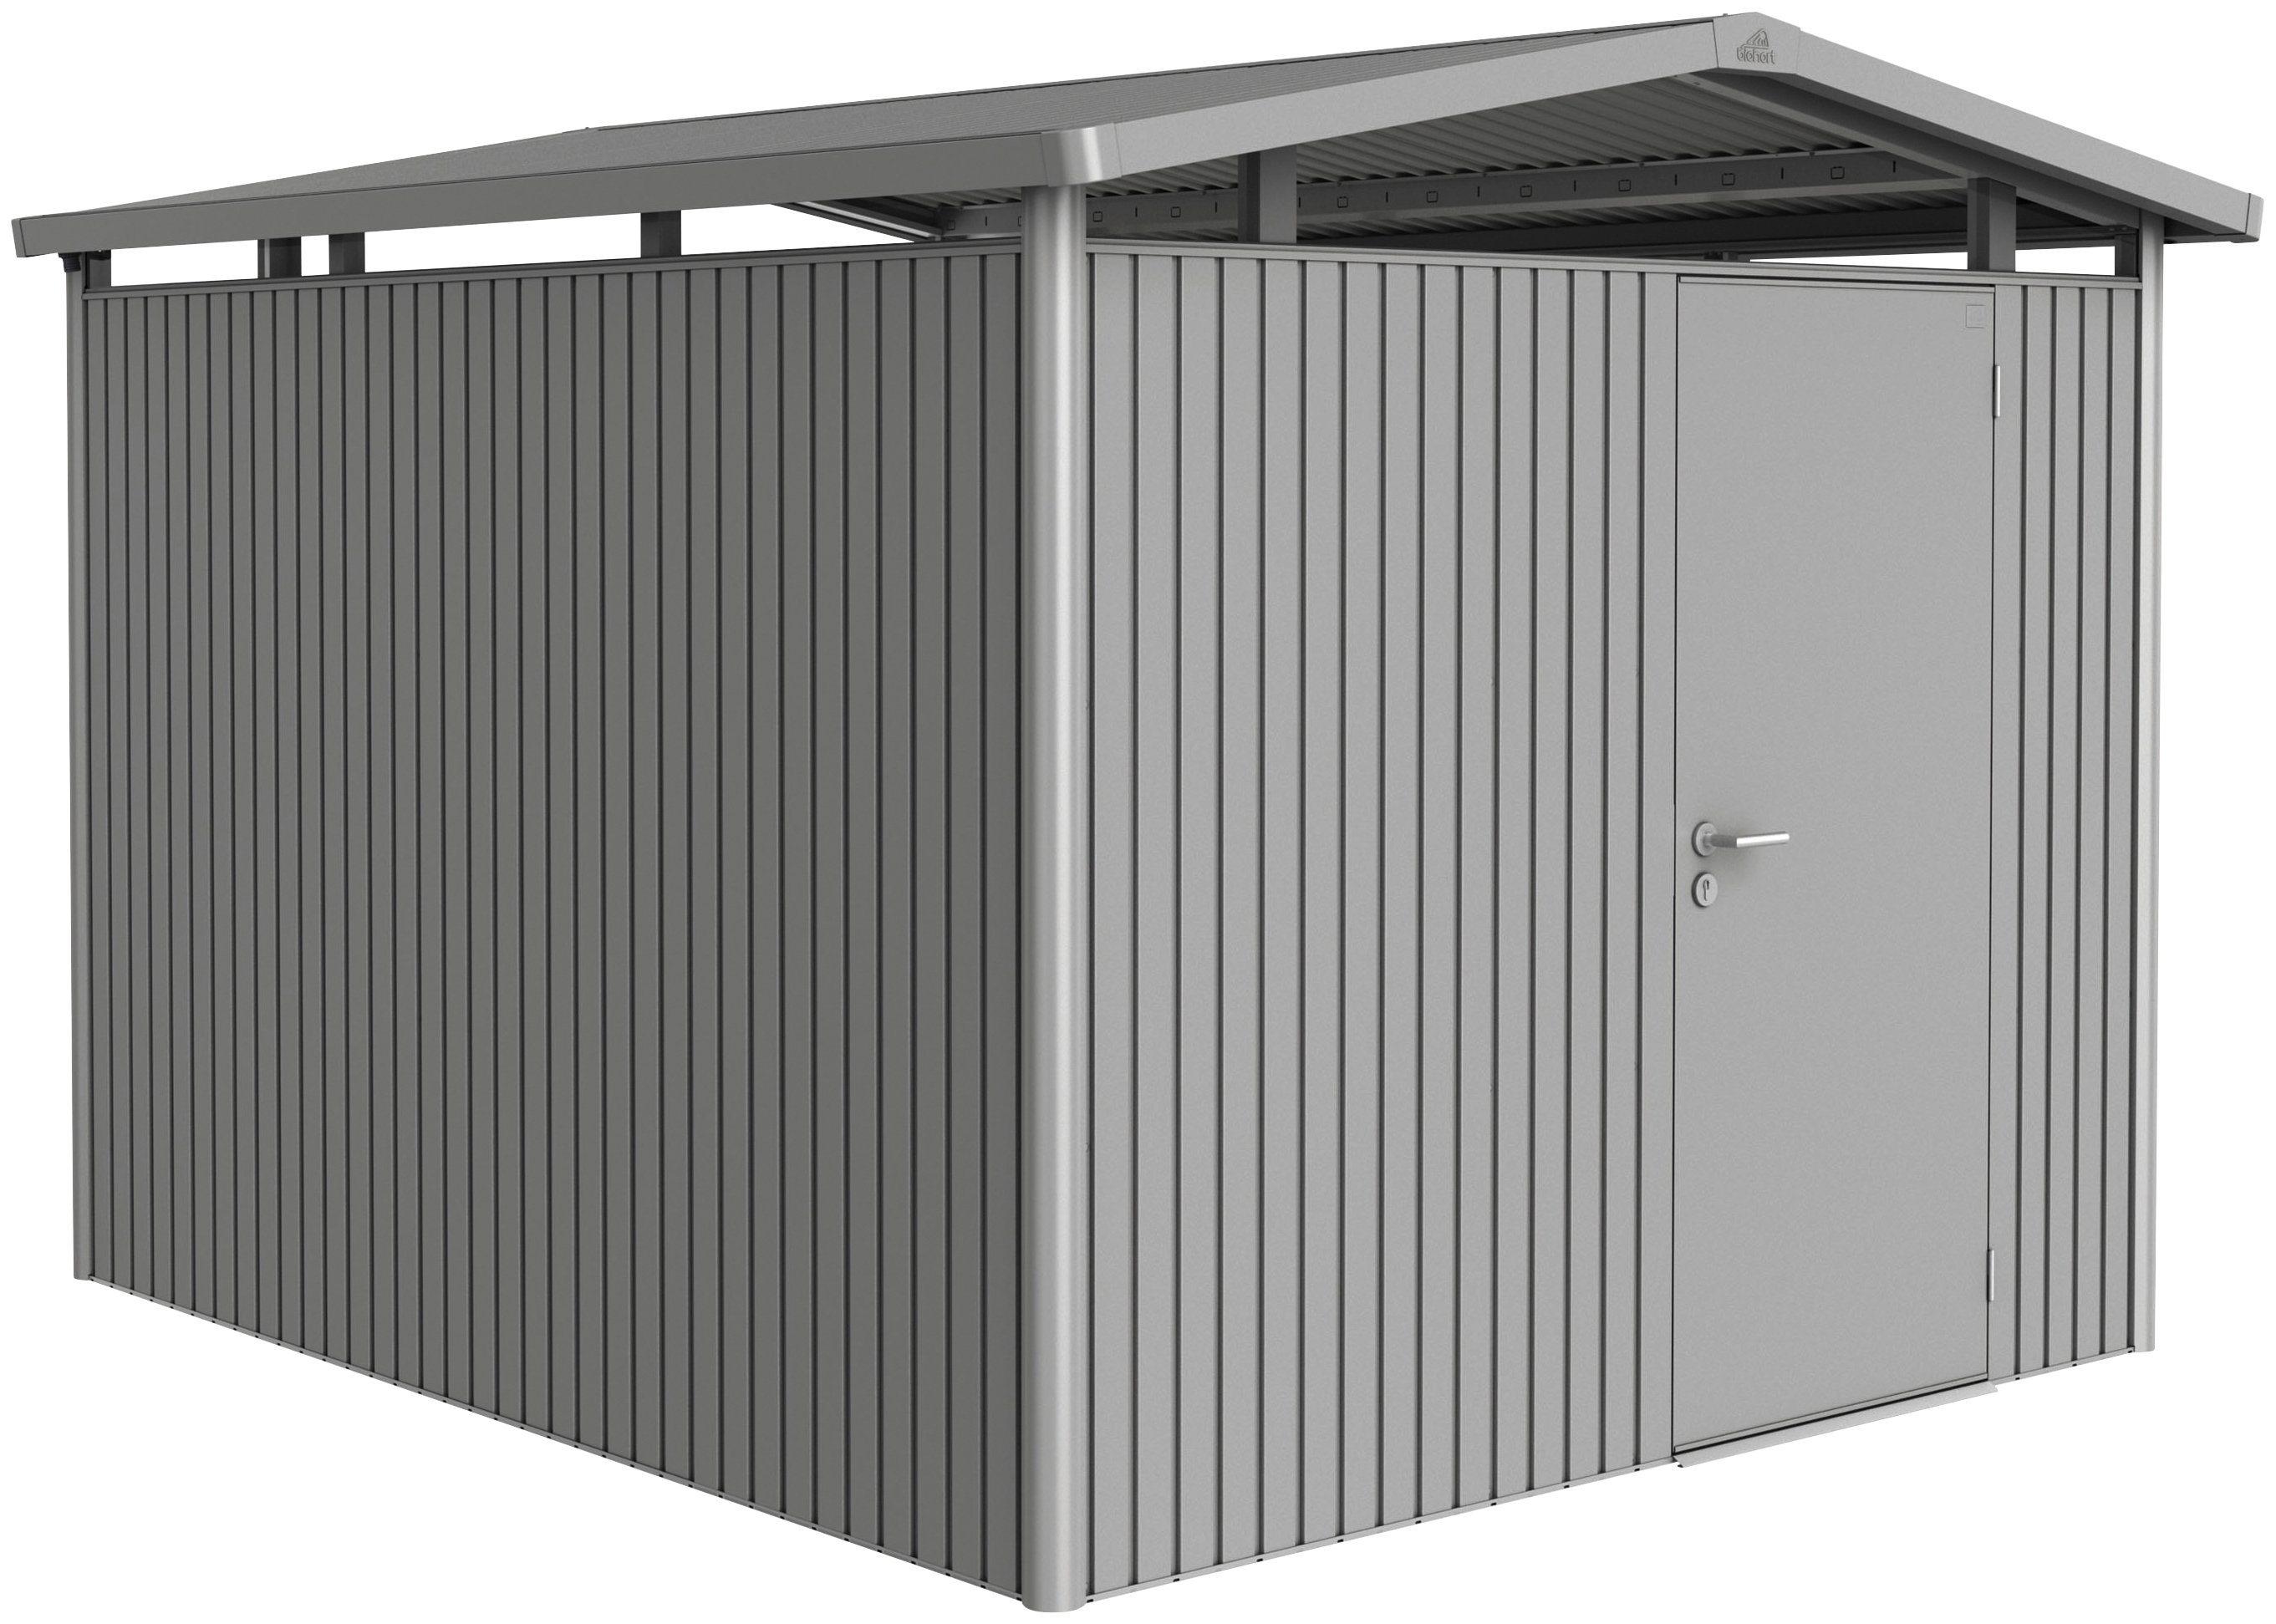 BIOHORT Stahlgerätehaus »Panorama P5 DT«, quarzgrau-metallic, BxT: 273x318 cm | Garten > Gerätehäuser | Biohort